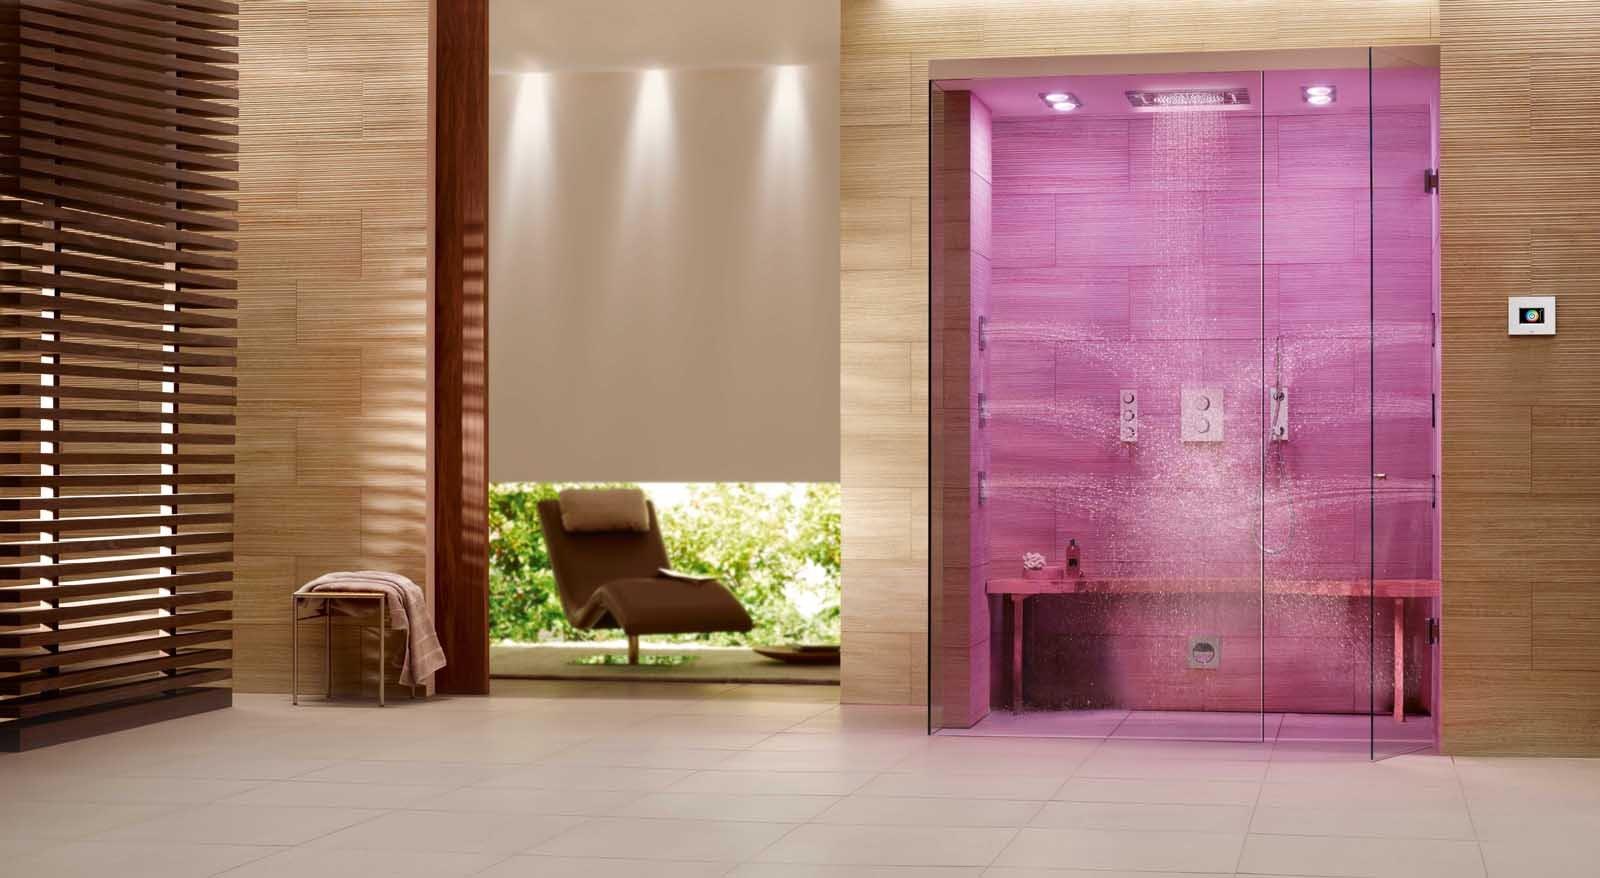 Doccia soffioni per il benessere anche con musica e cromoterapia cose di casa - Illuminazione doccia con led ...